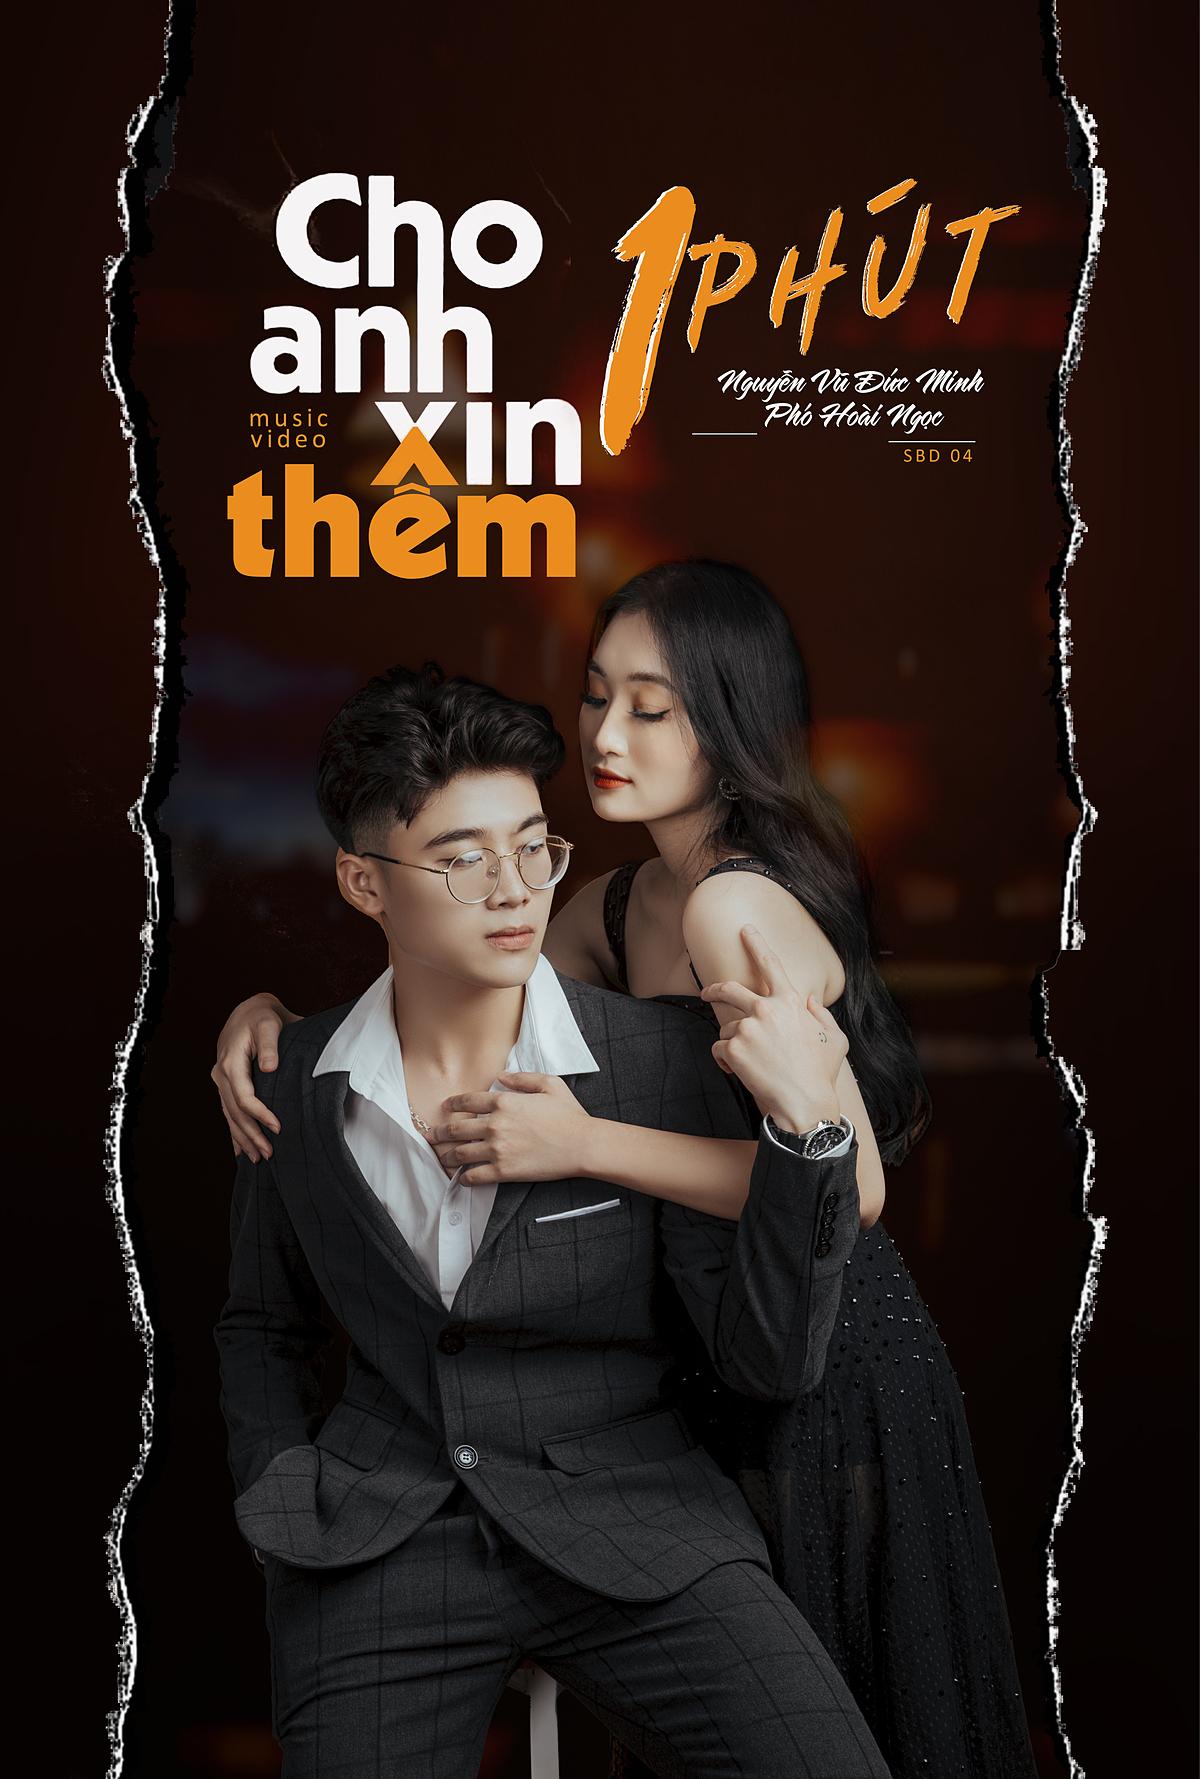 MV Cho anh xin thêm 1 phút của cặp đôi Phó Hoài Ngọc 12A10 và Nguyễn Vũ Đức Minh 12A3.